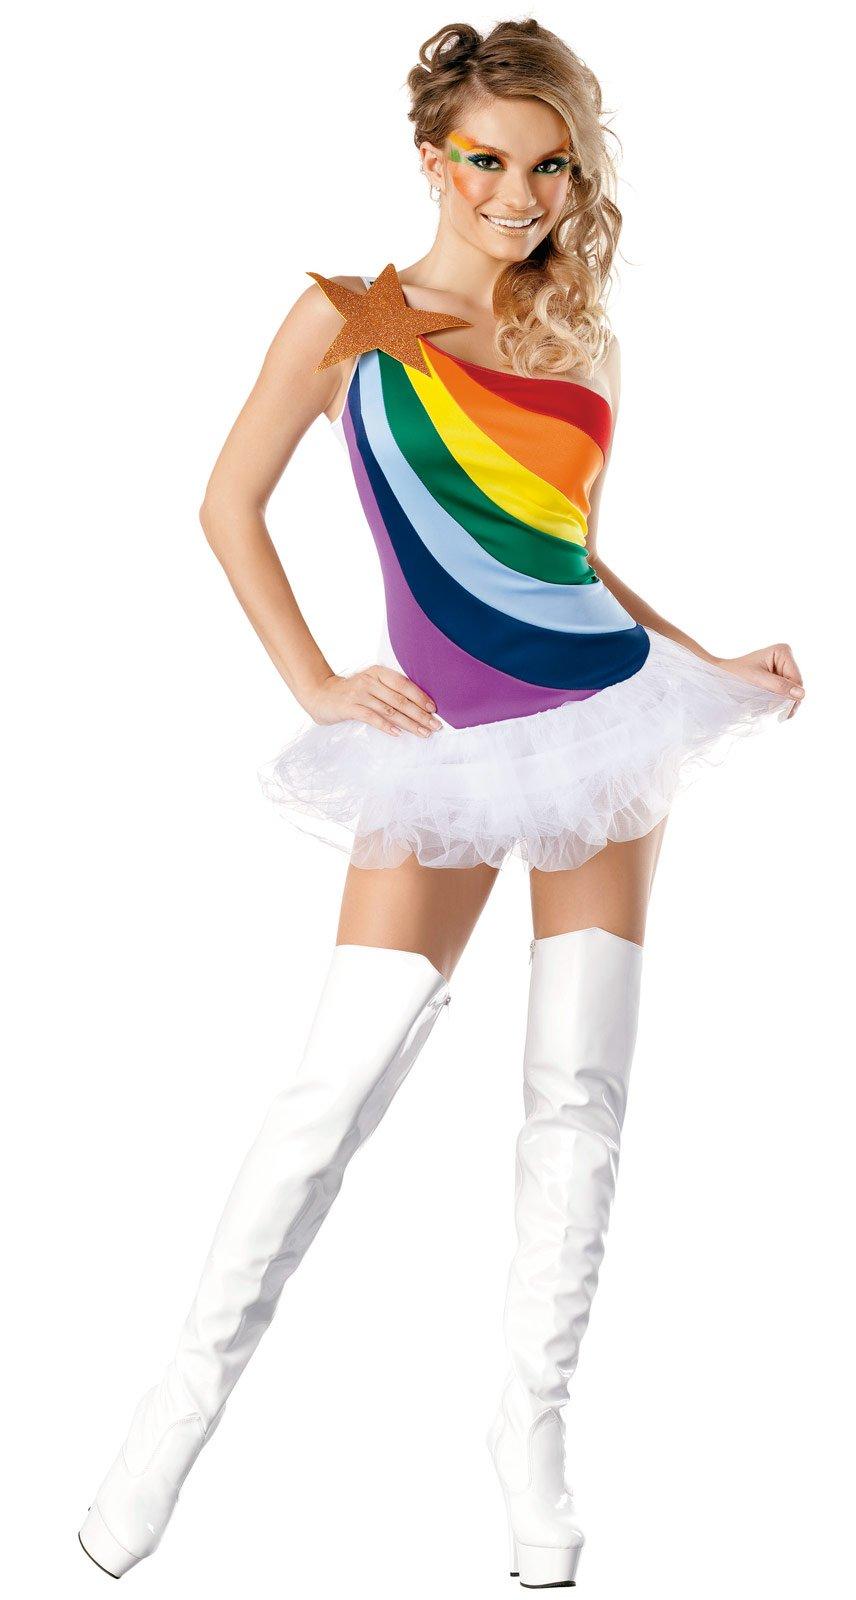 brite rainbow Adult costume halloween